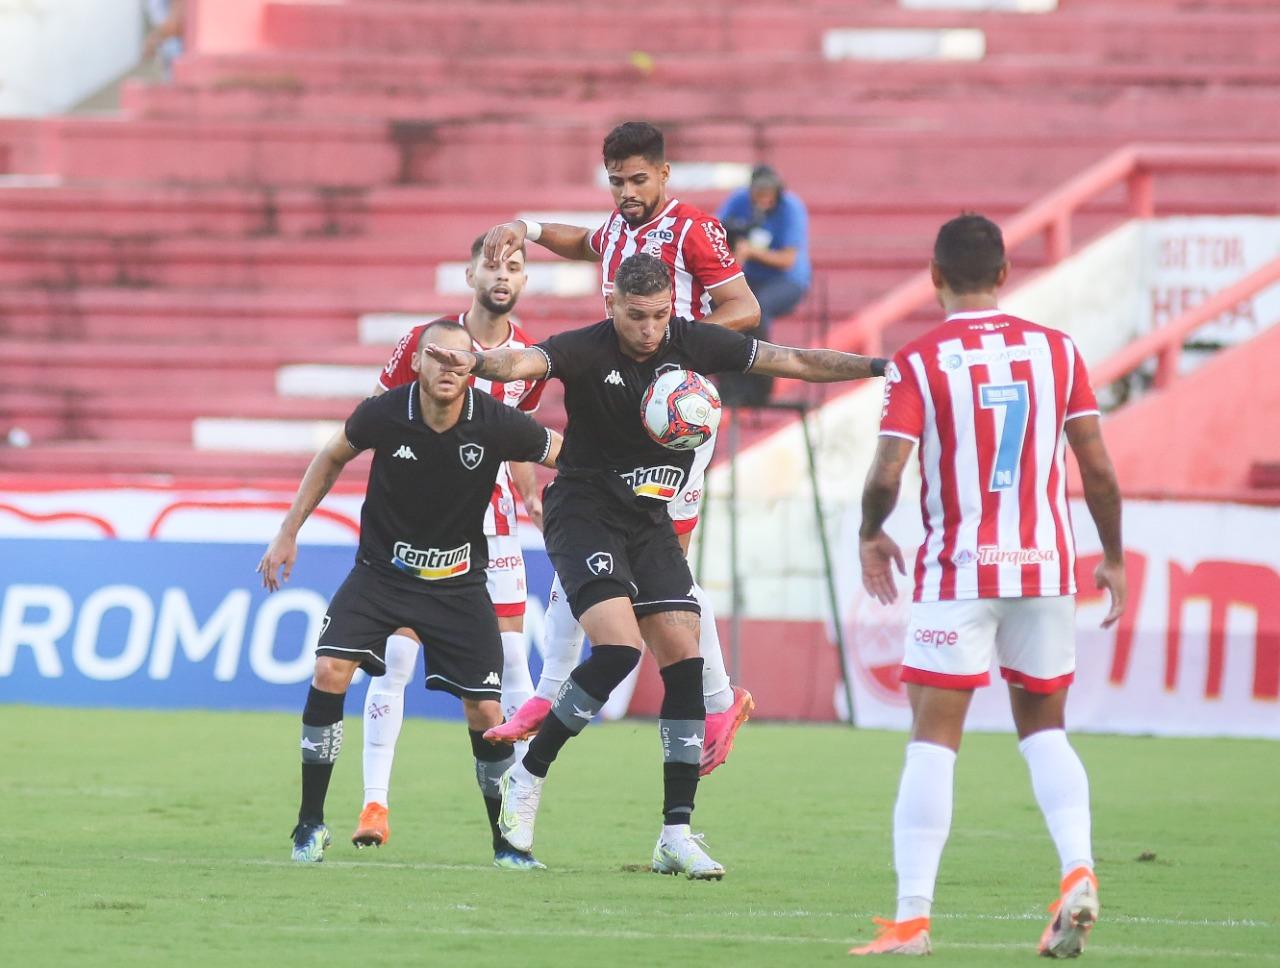 Disputa de bola durante a partida entre Botafogo e Náutico